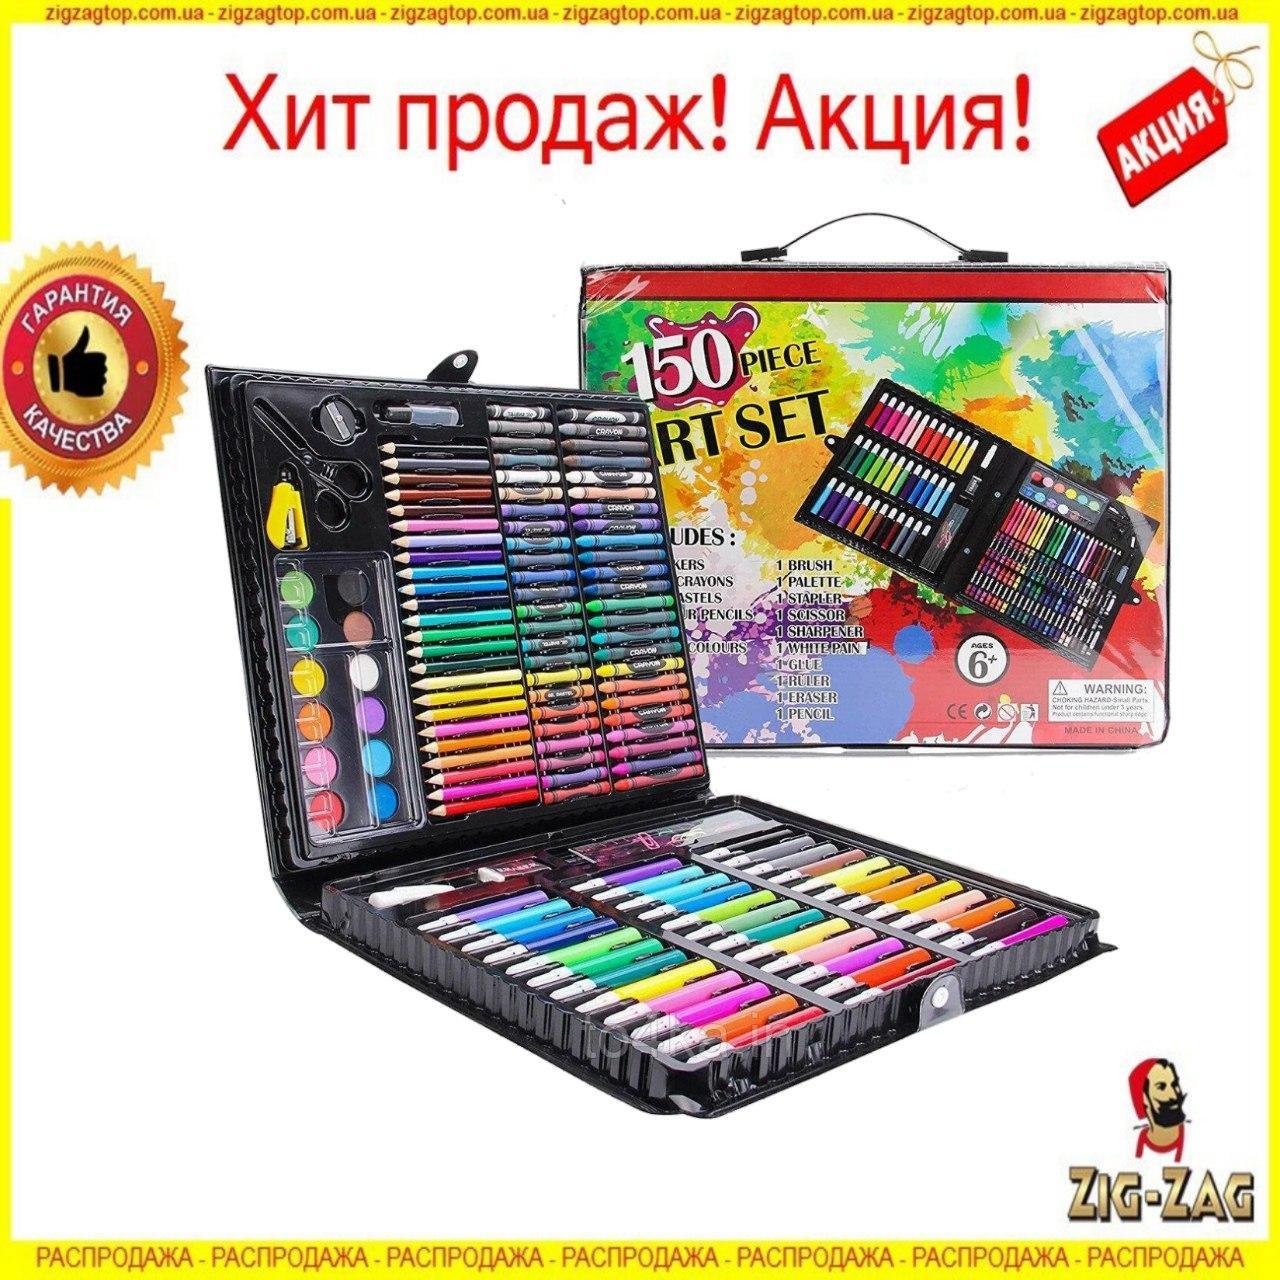 Великий Набір для Малювання Art Set на 150 Предметів для Художній Творчості у Валізці Дитячий ТОП